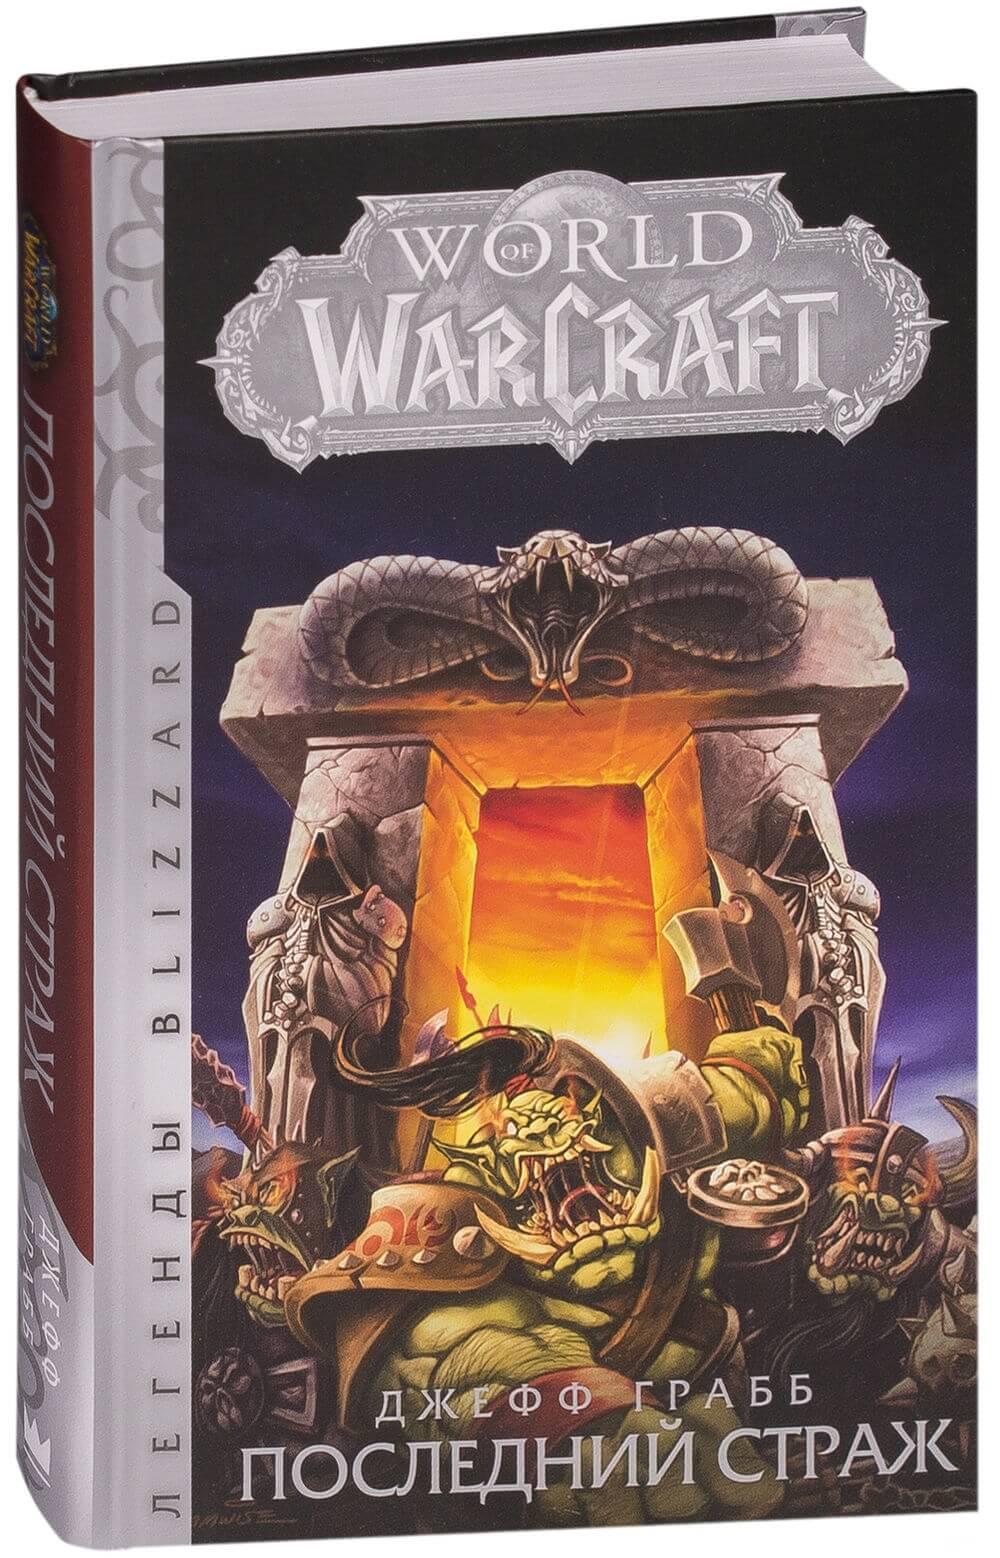 World of Warcraft. Последний Страж - Джефф Грабб